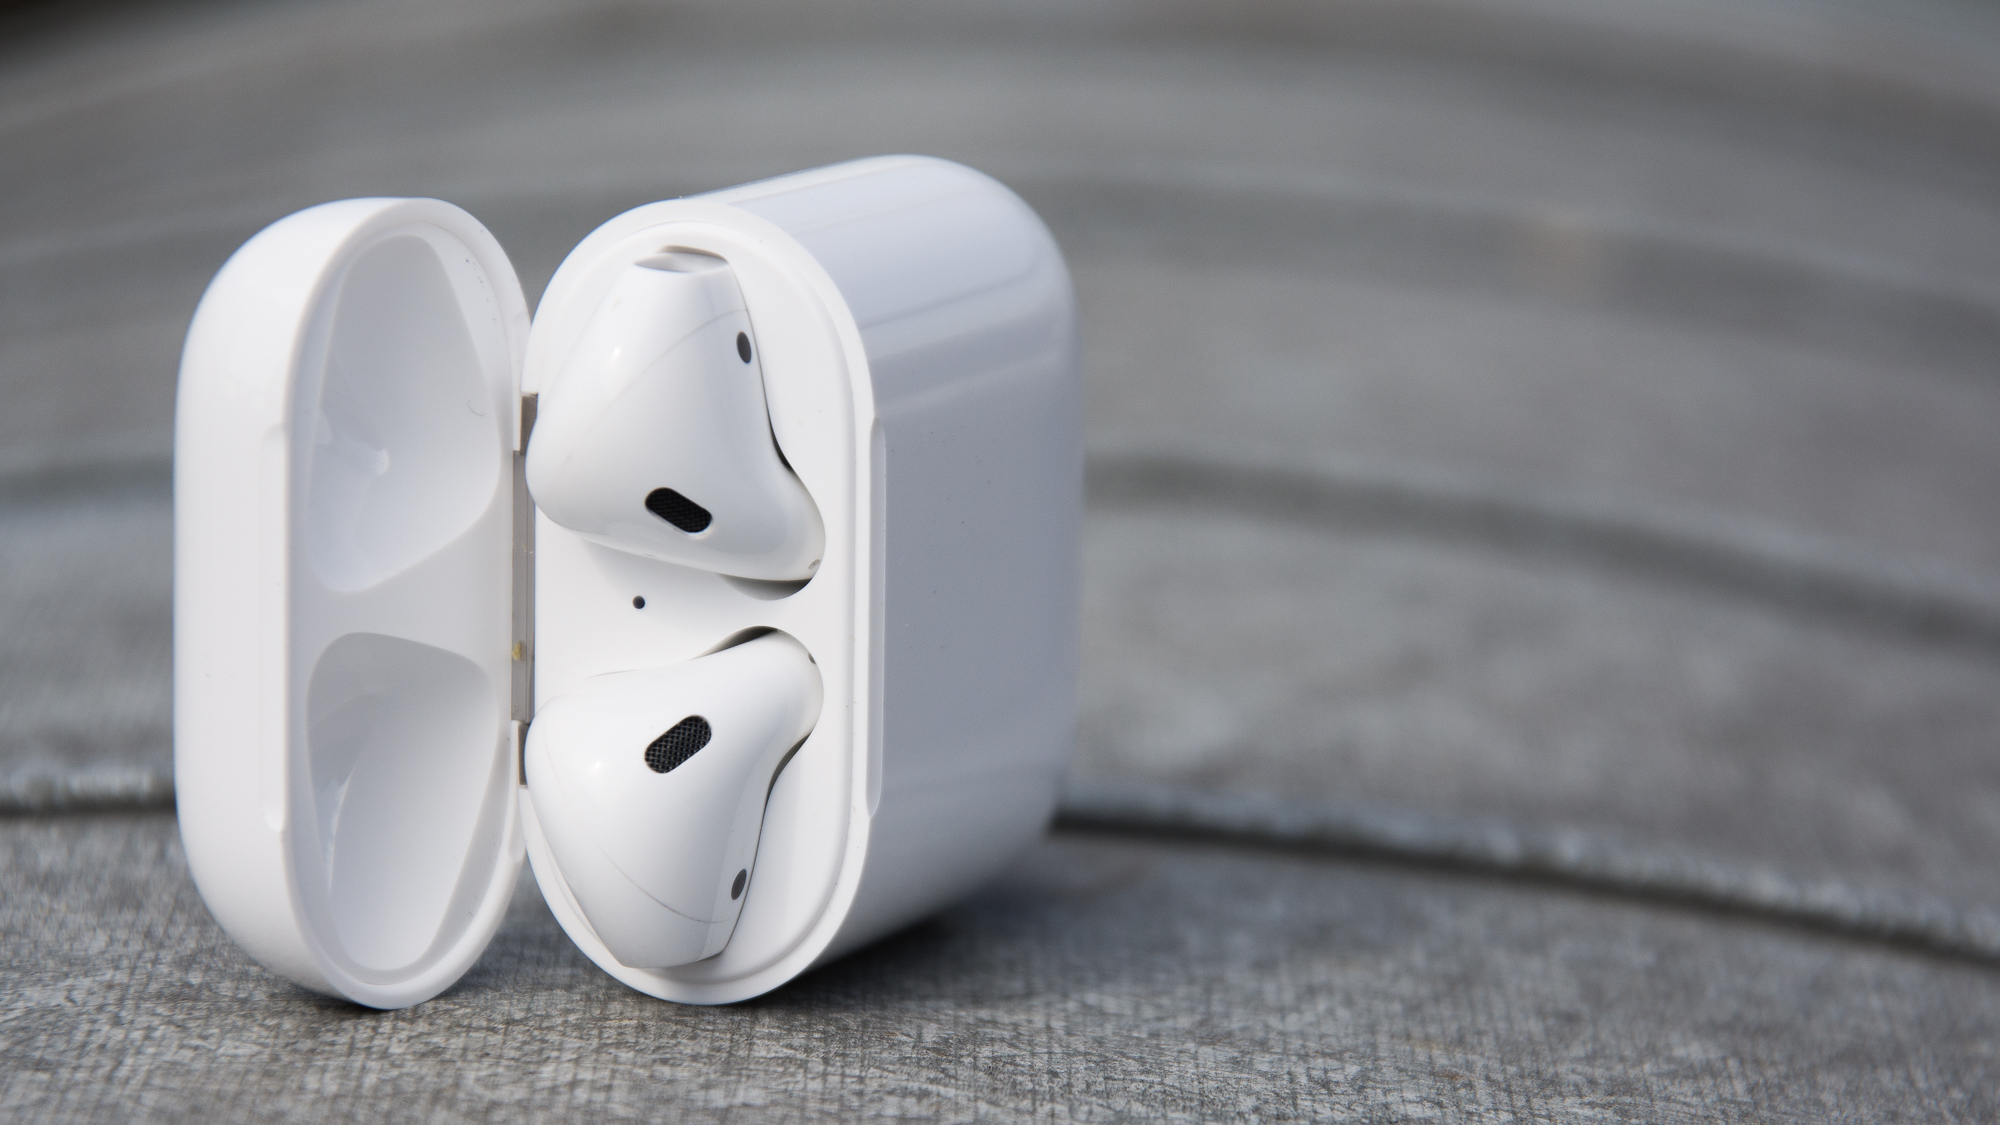 Новое поколение AirPods 2 и 3 беспроводные наушники Apple получат обновленный футляр с